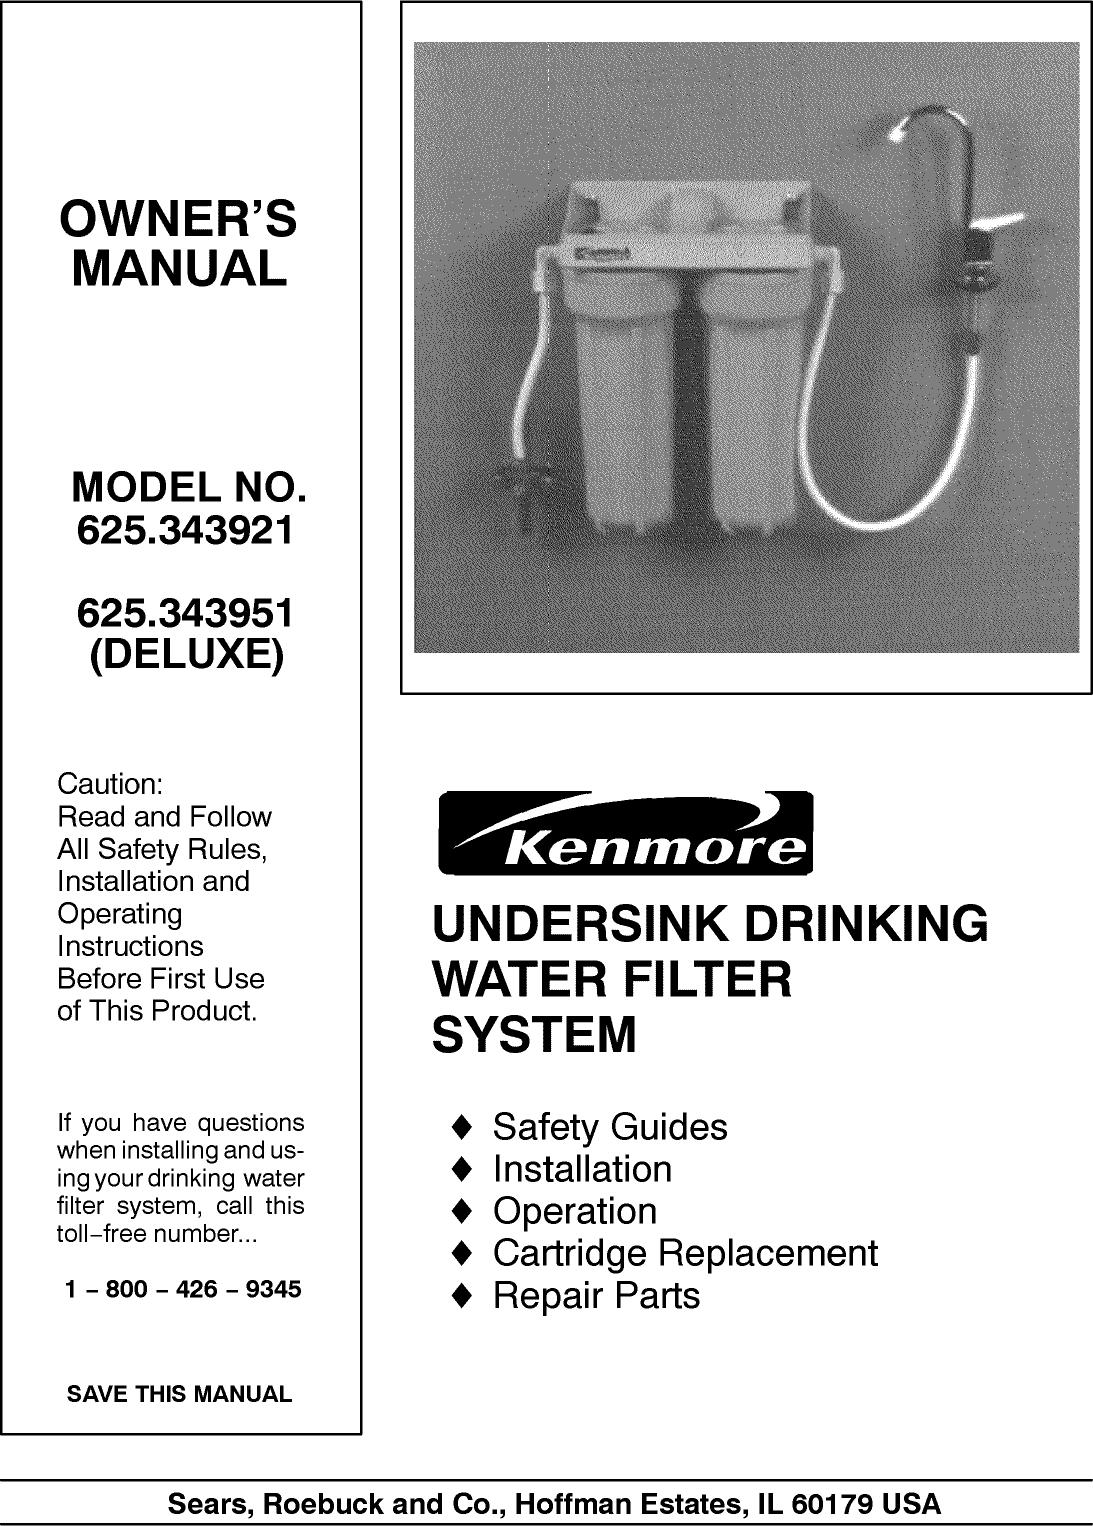 KENMORE Water Filter Manual L0807617